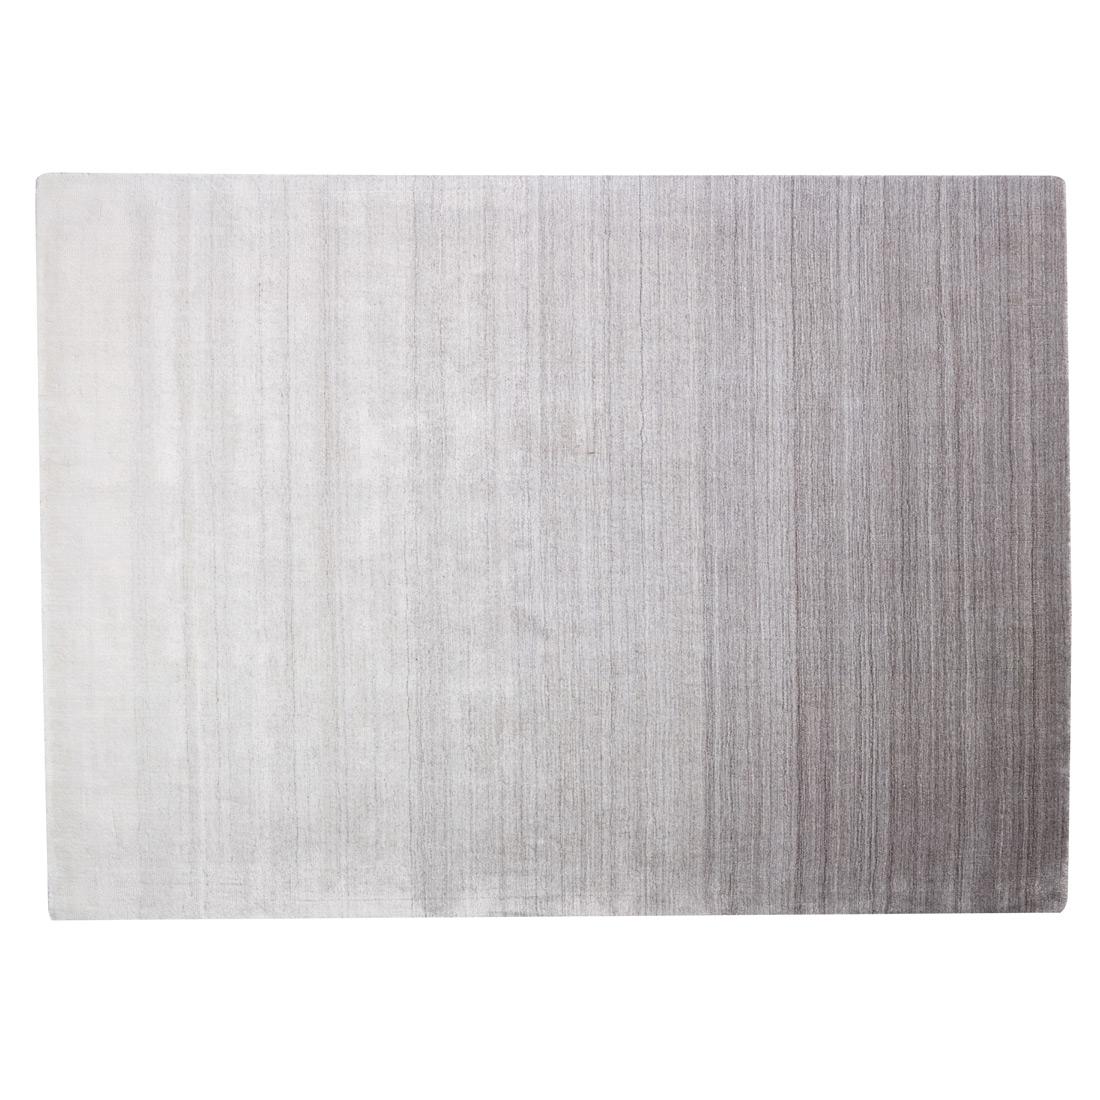 Vloerkleed Xilento Admire Ivory | 200 x 300 cm